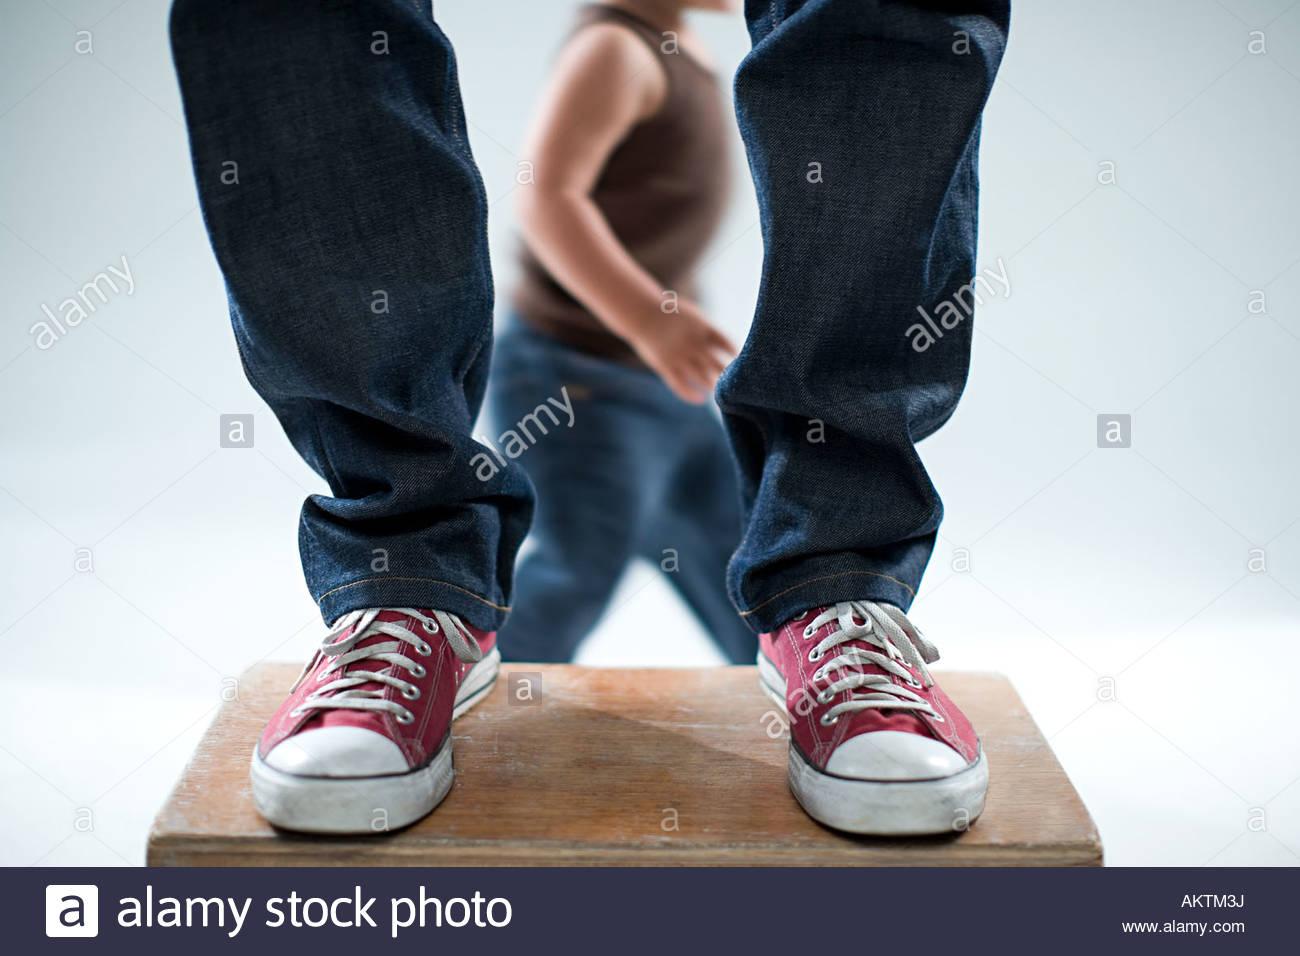 Bambino e gambe di adulto Immagini Stock